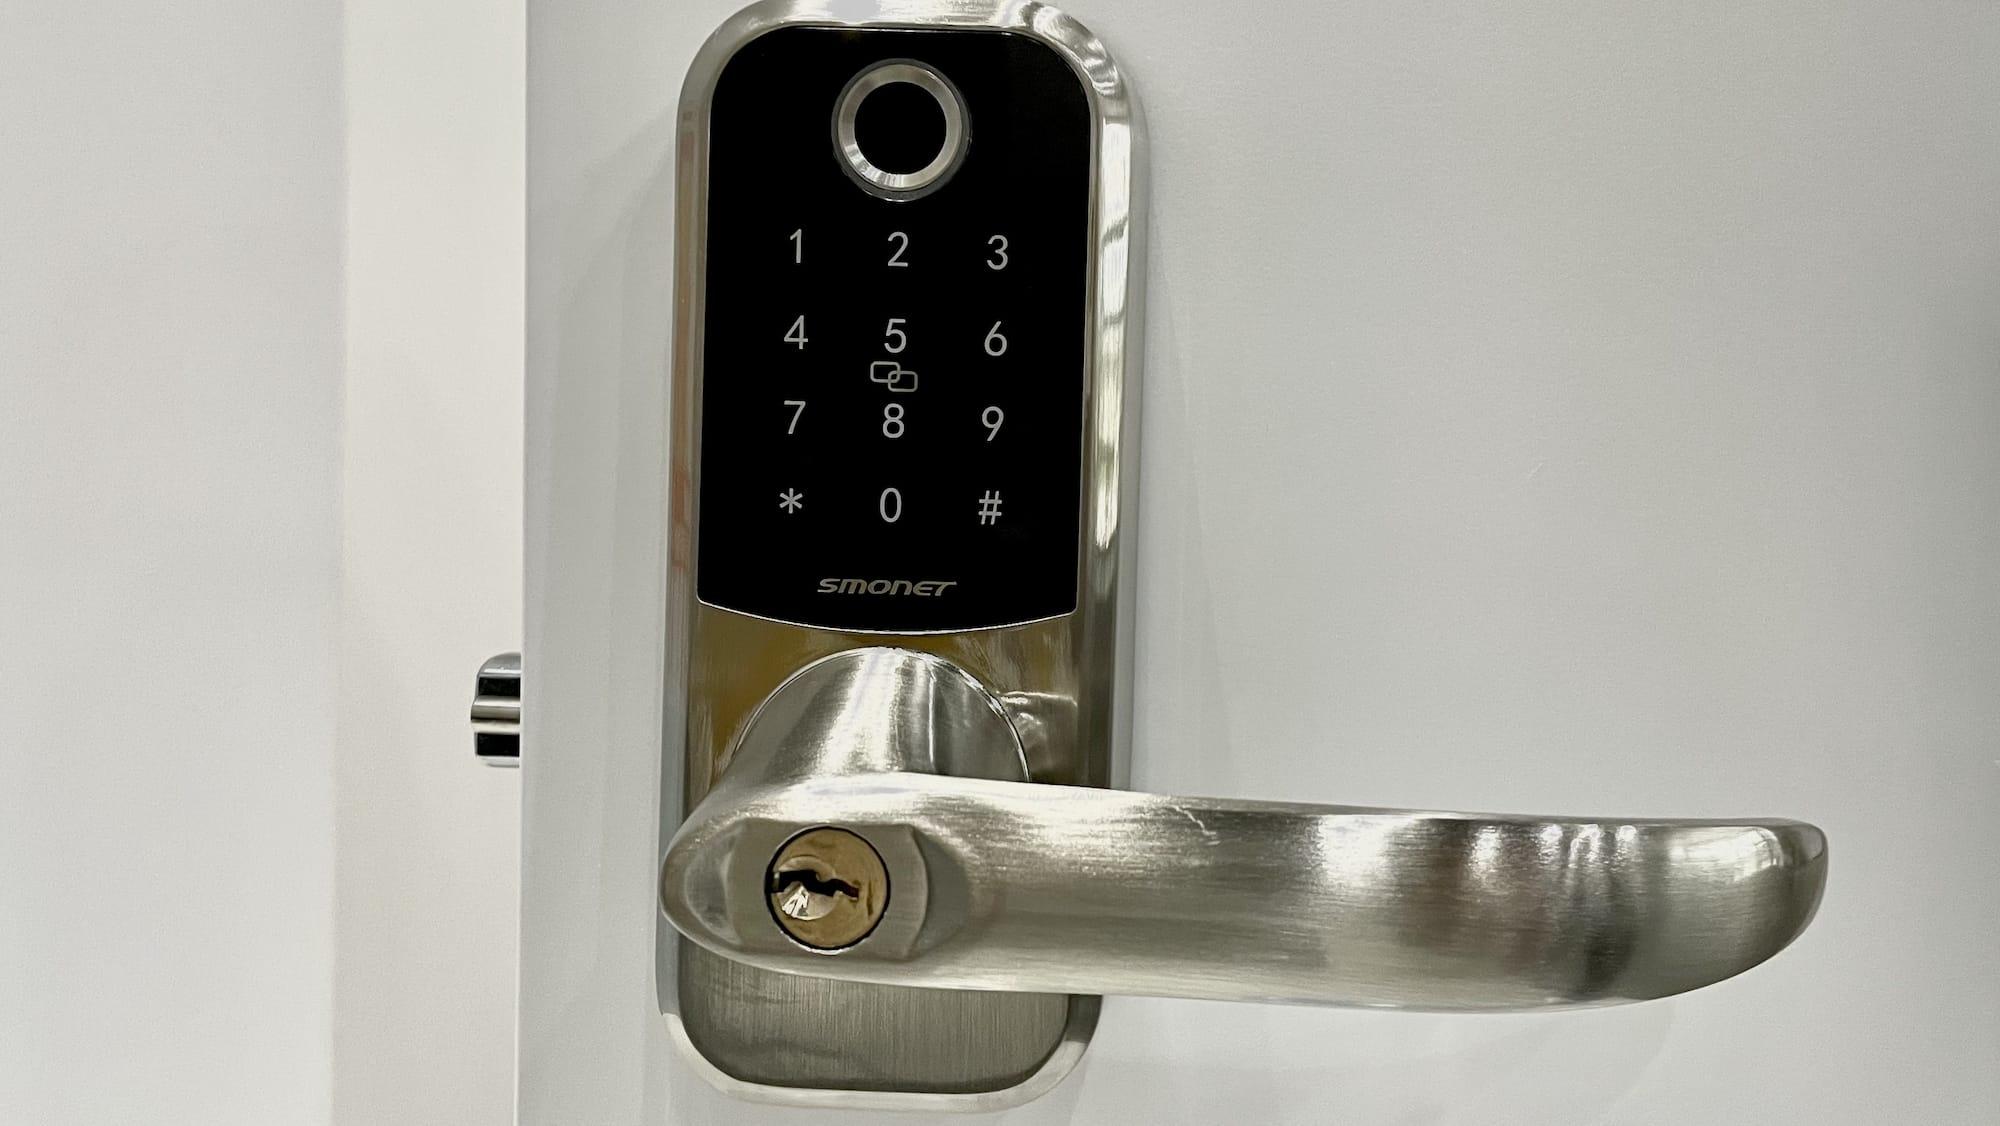 SMONET Keyless Smart Lock with handle features five ways to unlock your door